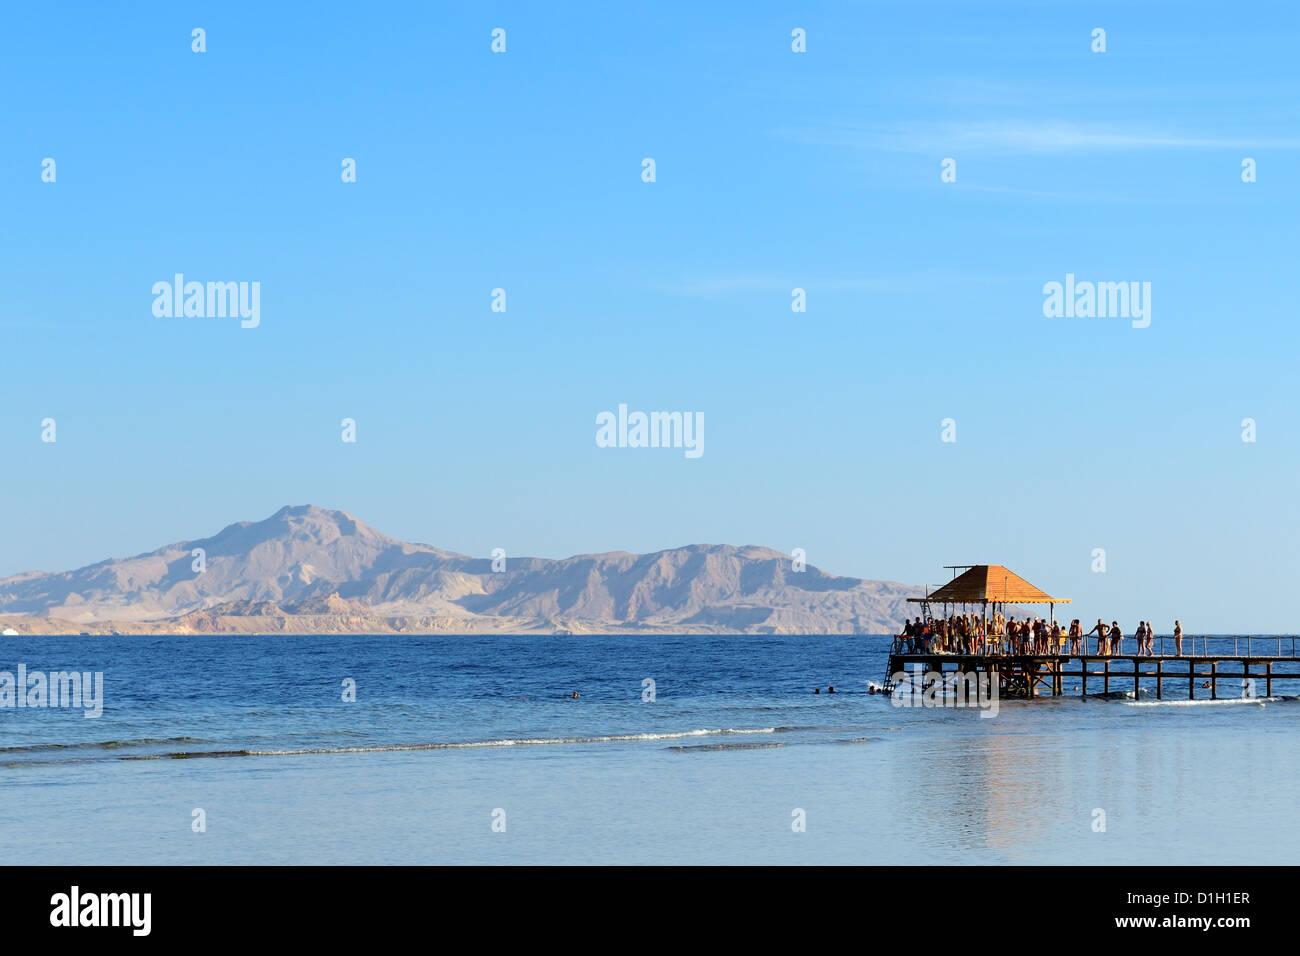 Am Strand mit Blick auf Tiran Insel im Luxushotel, Sharm el Sheikh, Ägypten Stockbild